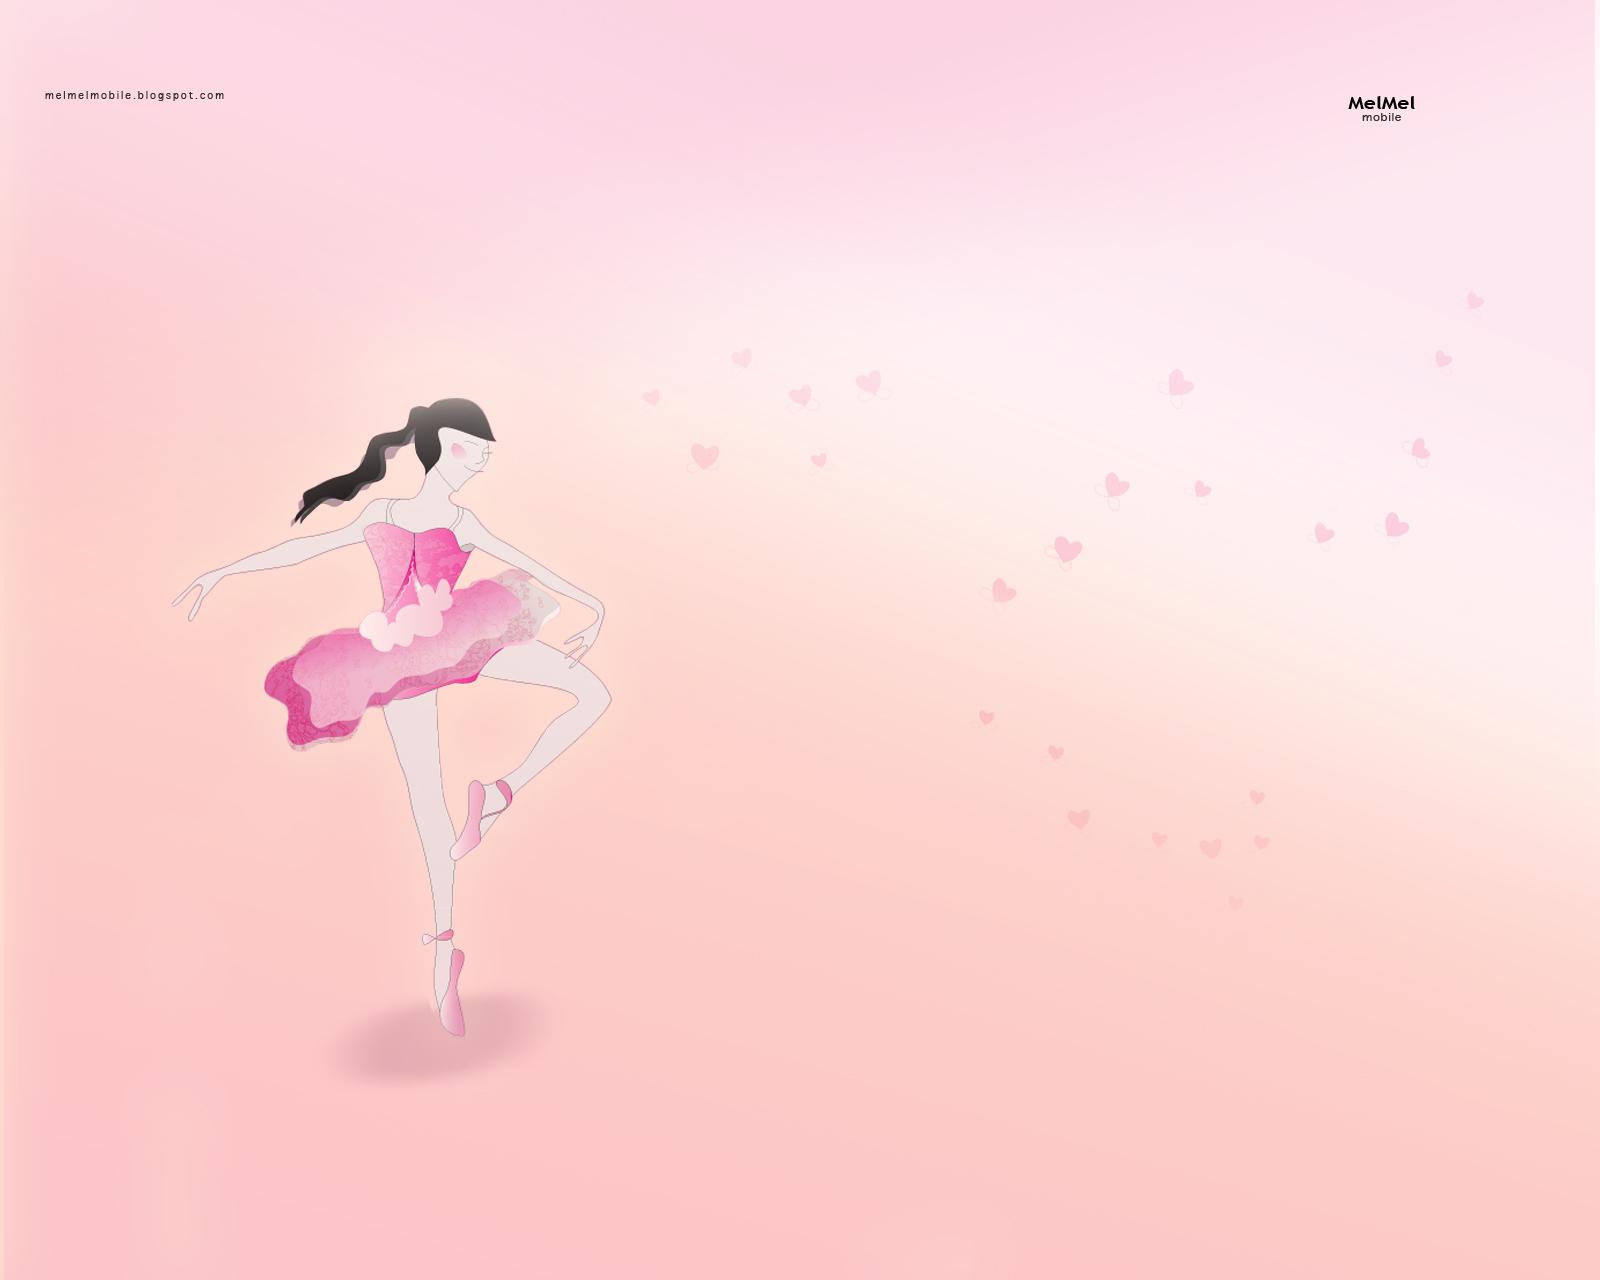 MelMel Ballerina Lock Screen Wallpaper